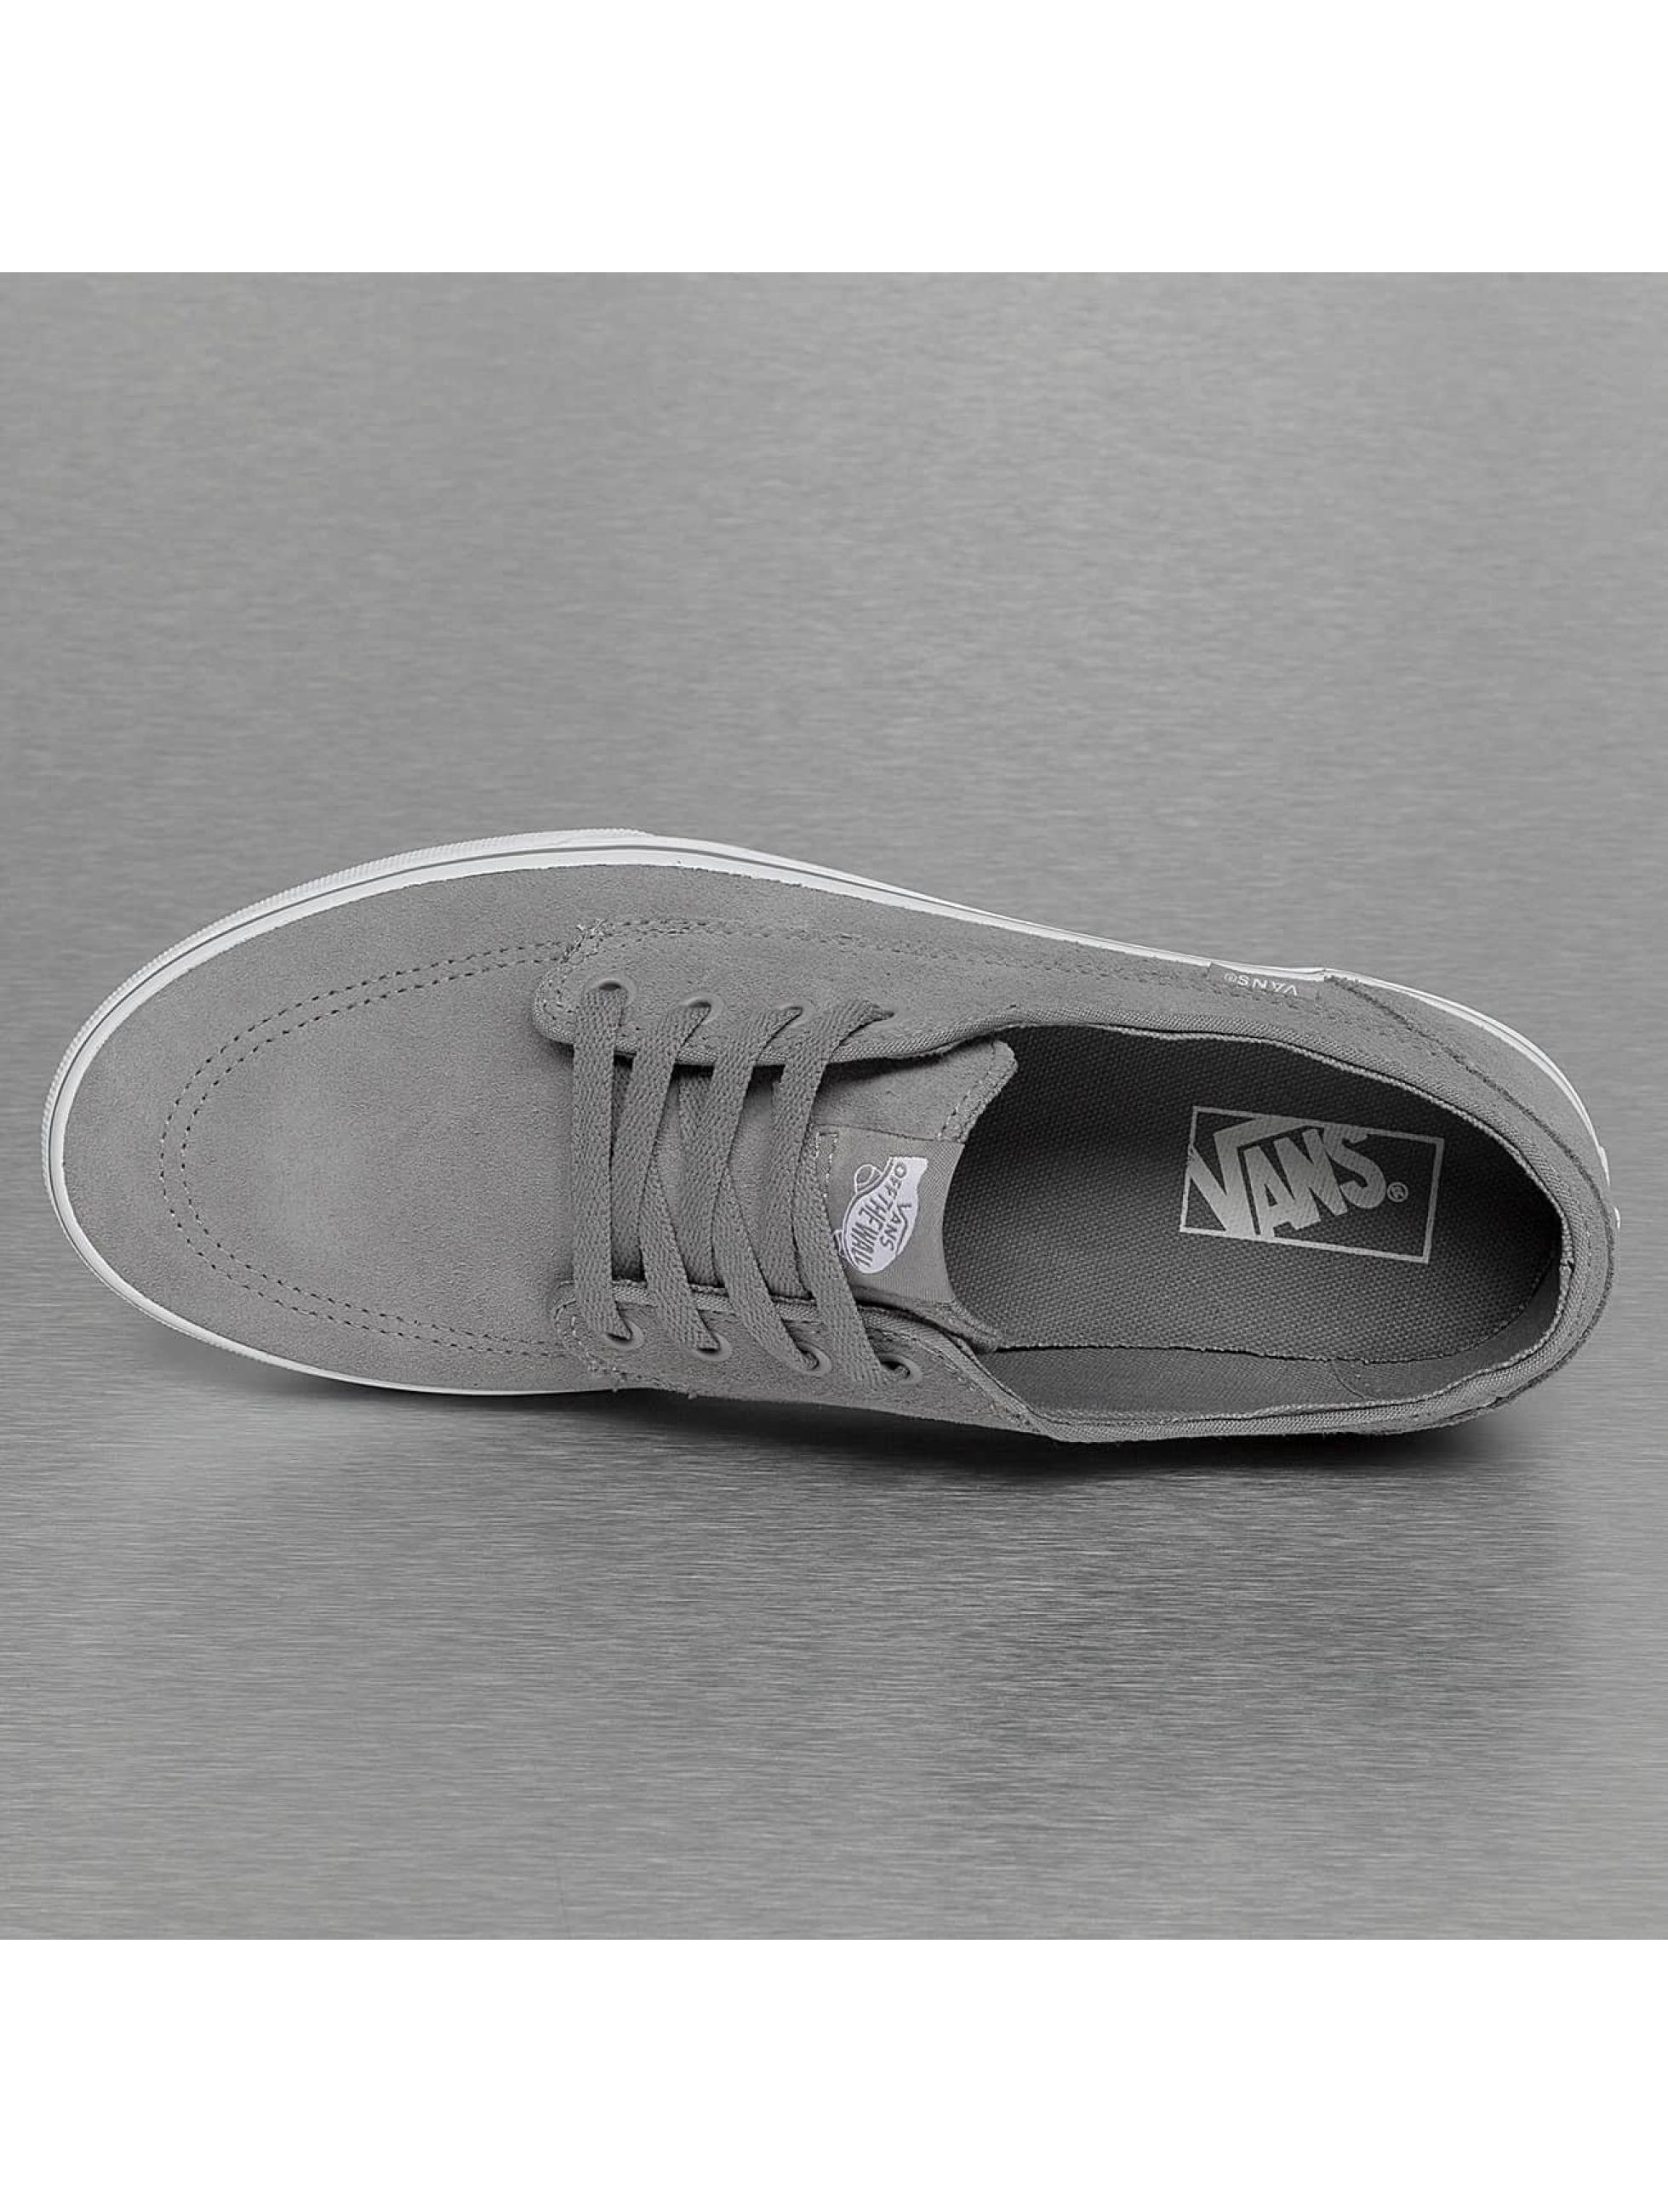 Vans Sneaker Brigata grau